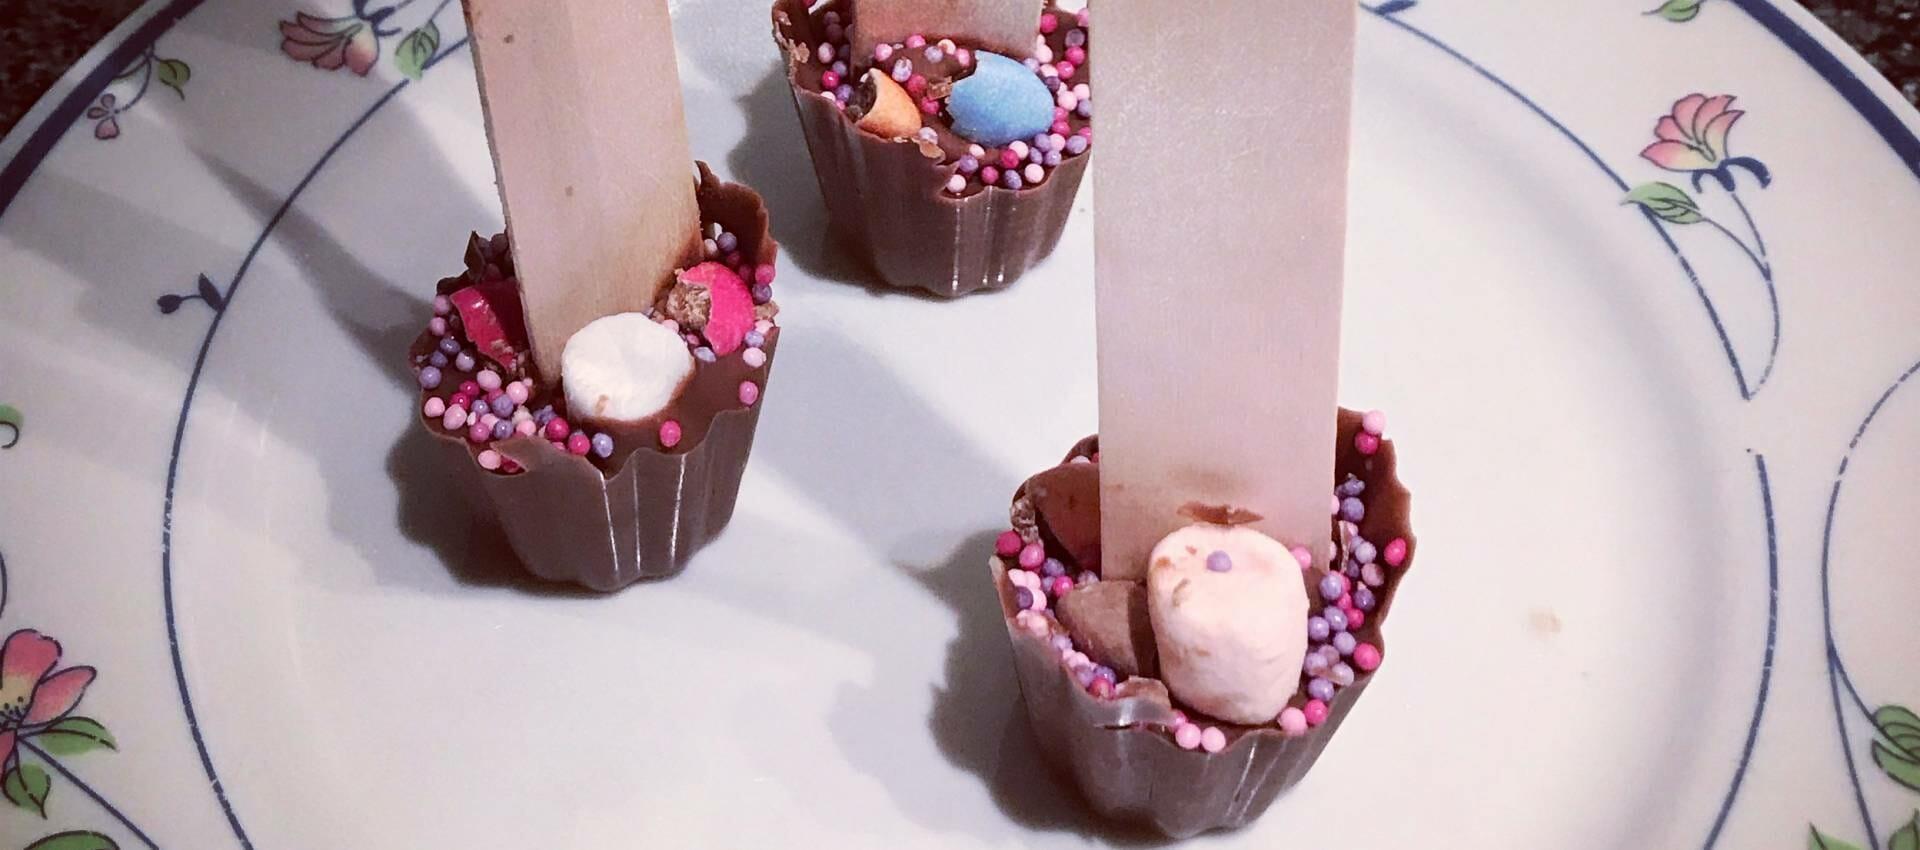 sucettes en chocolat pour chocolat chaud gourmand les recettes de cuisine et mets les recettes. Black Bedroom Furniture Sets. Home Design Ideas